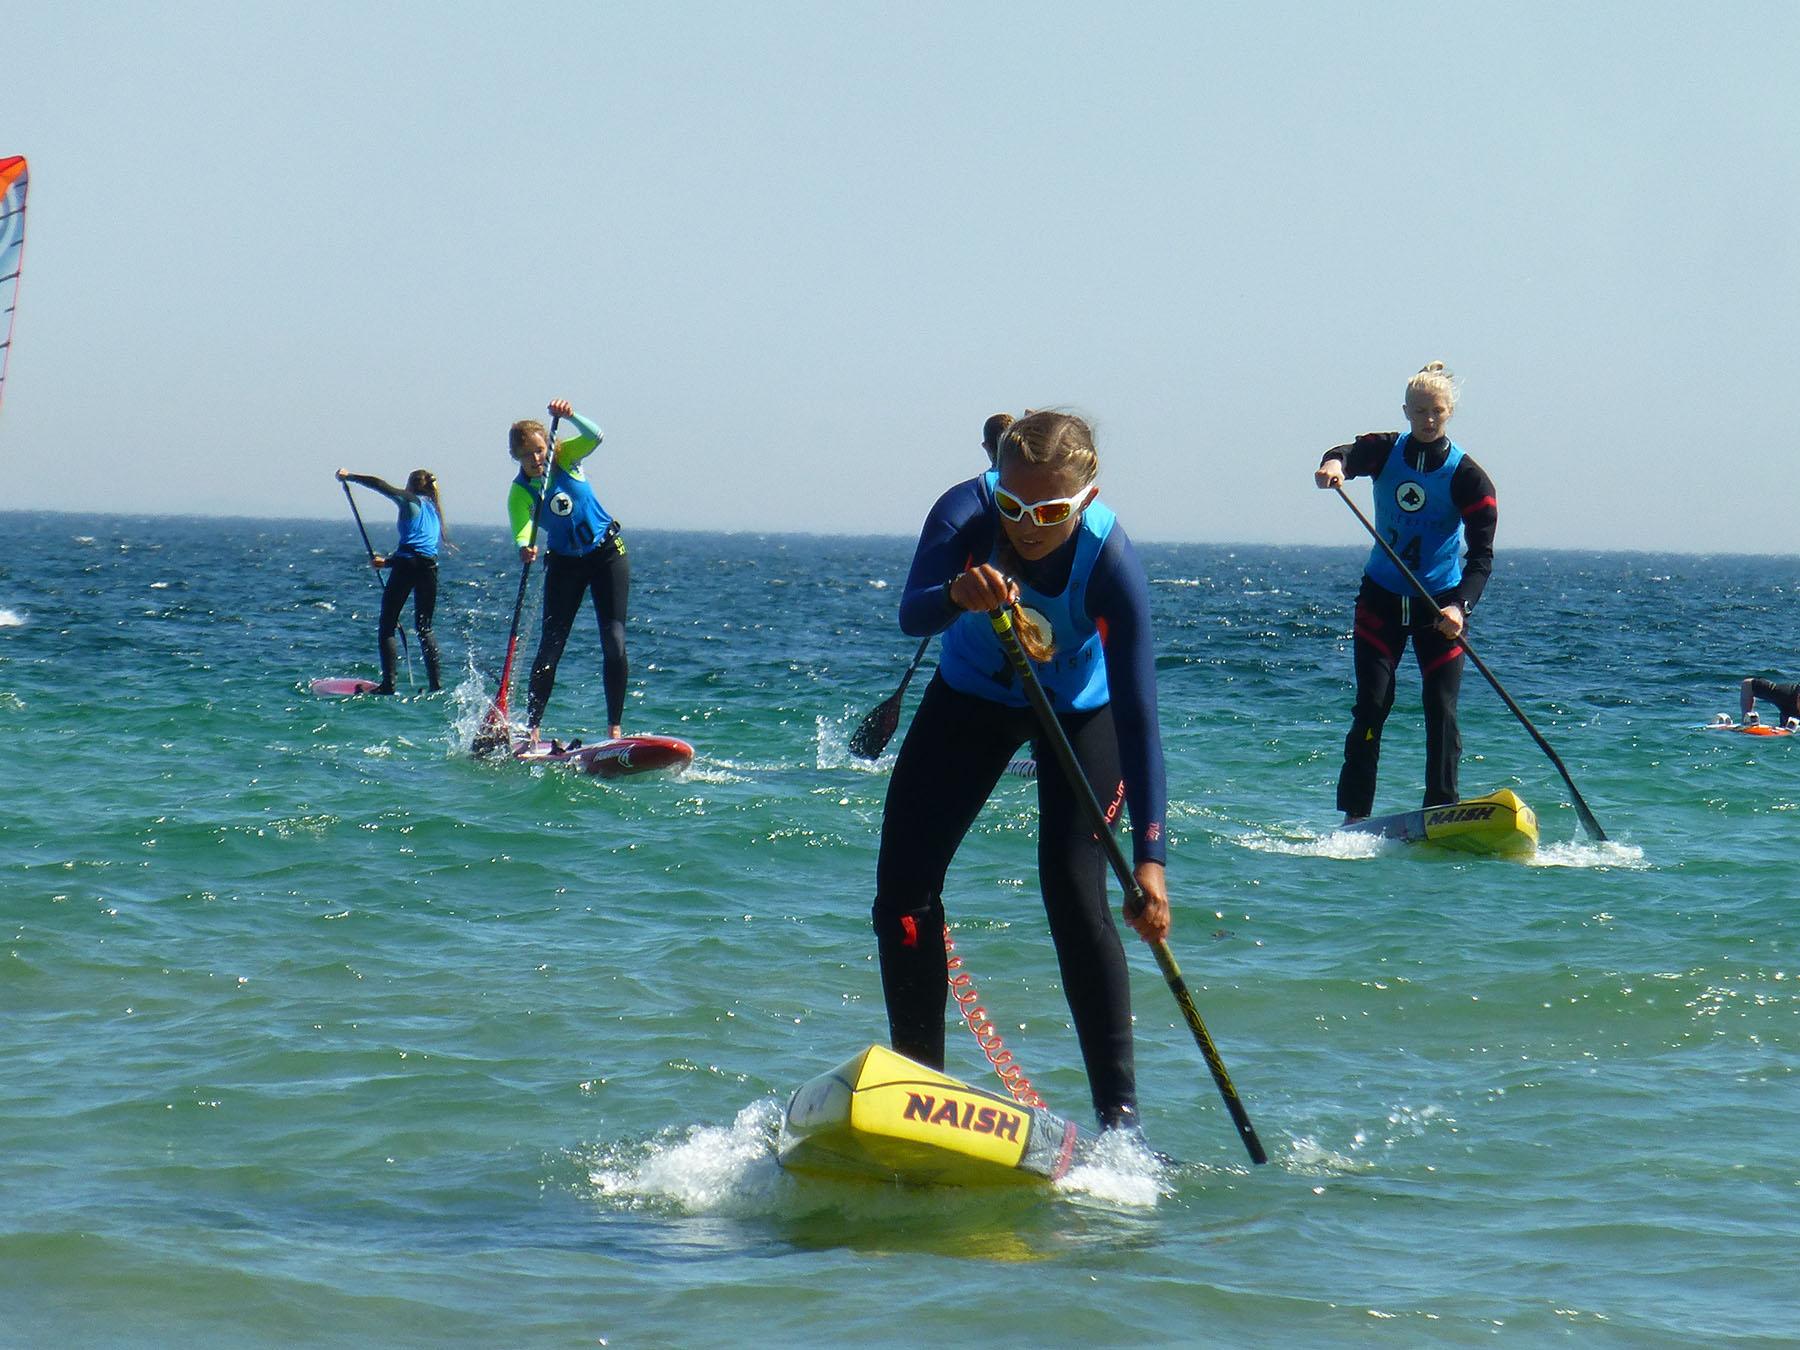 german sup challenge fehmarn surffestival 016 04 - Ultimate Beachrace Action @German SUP Challenge Fehmarn 016